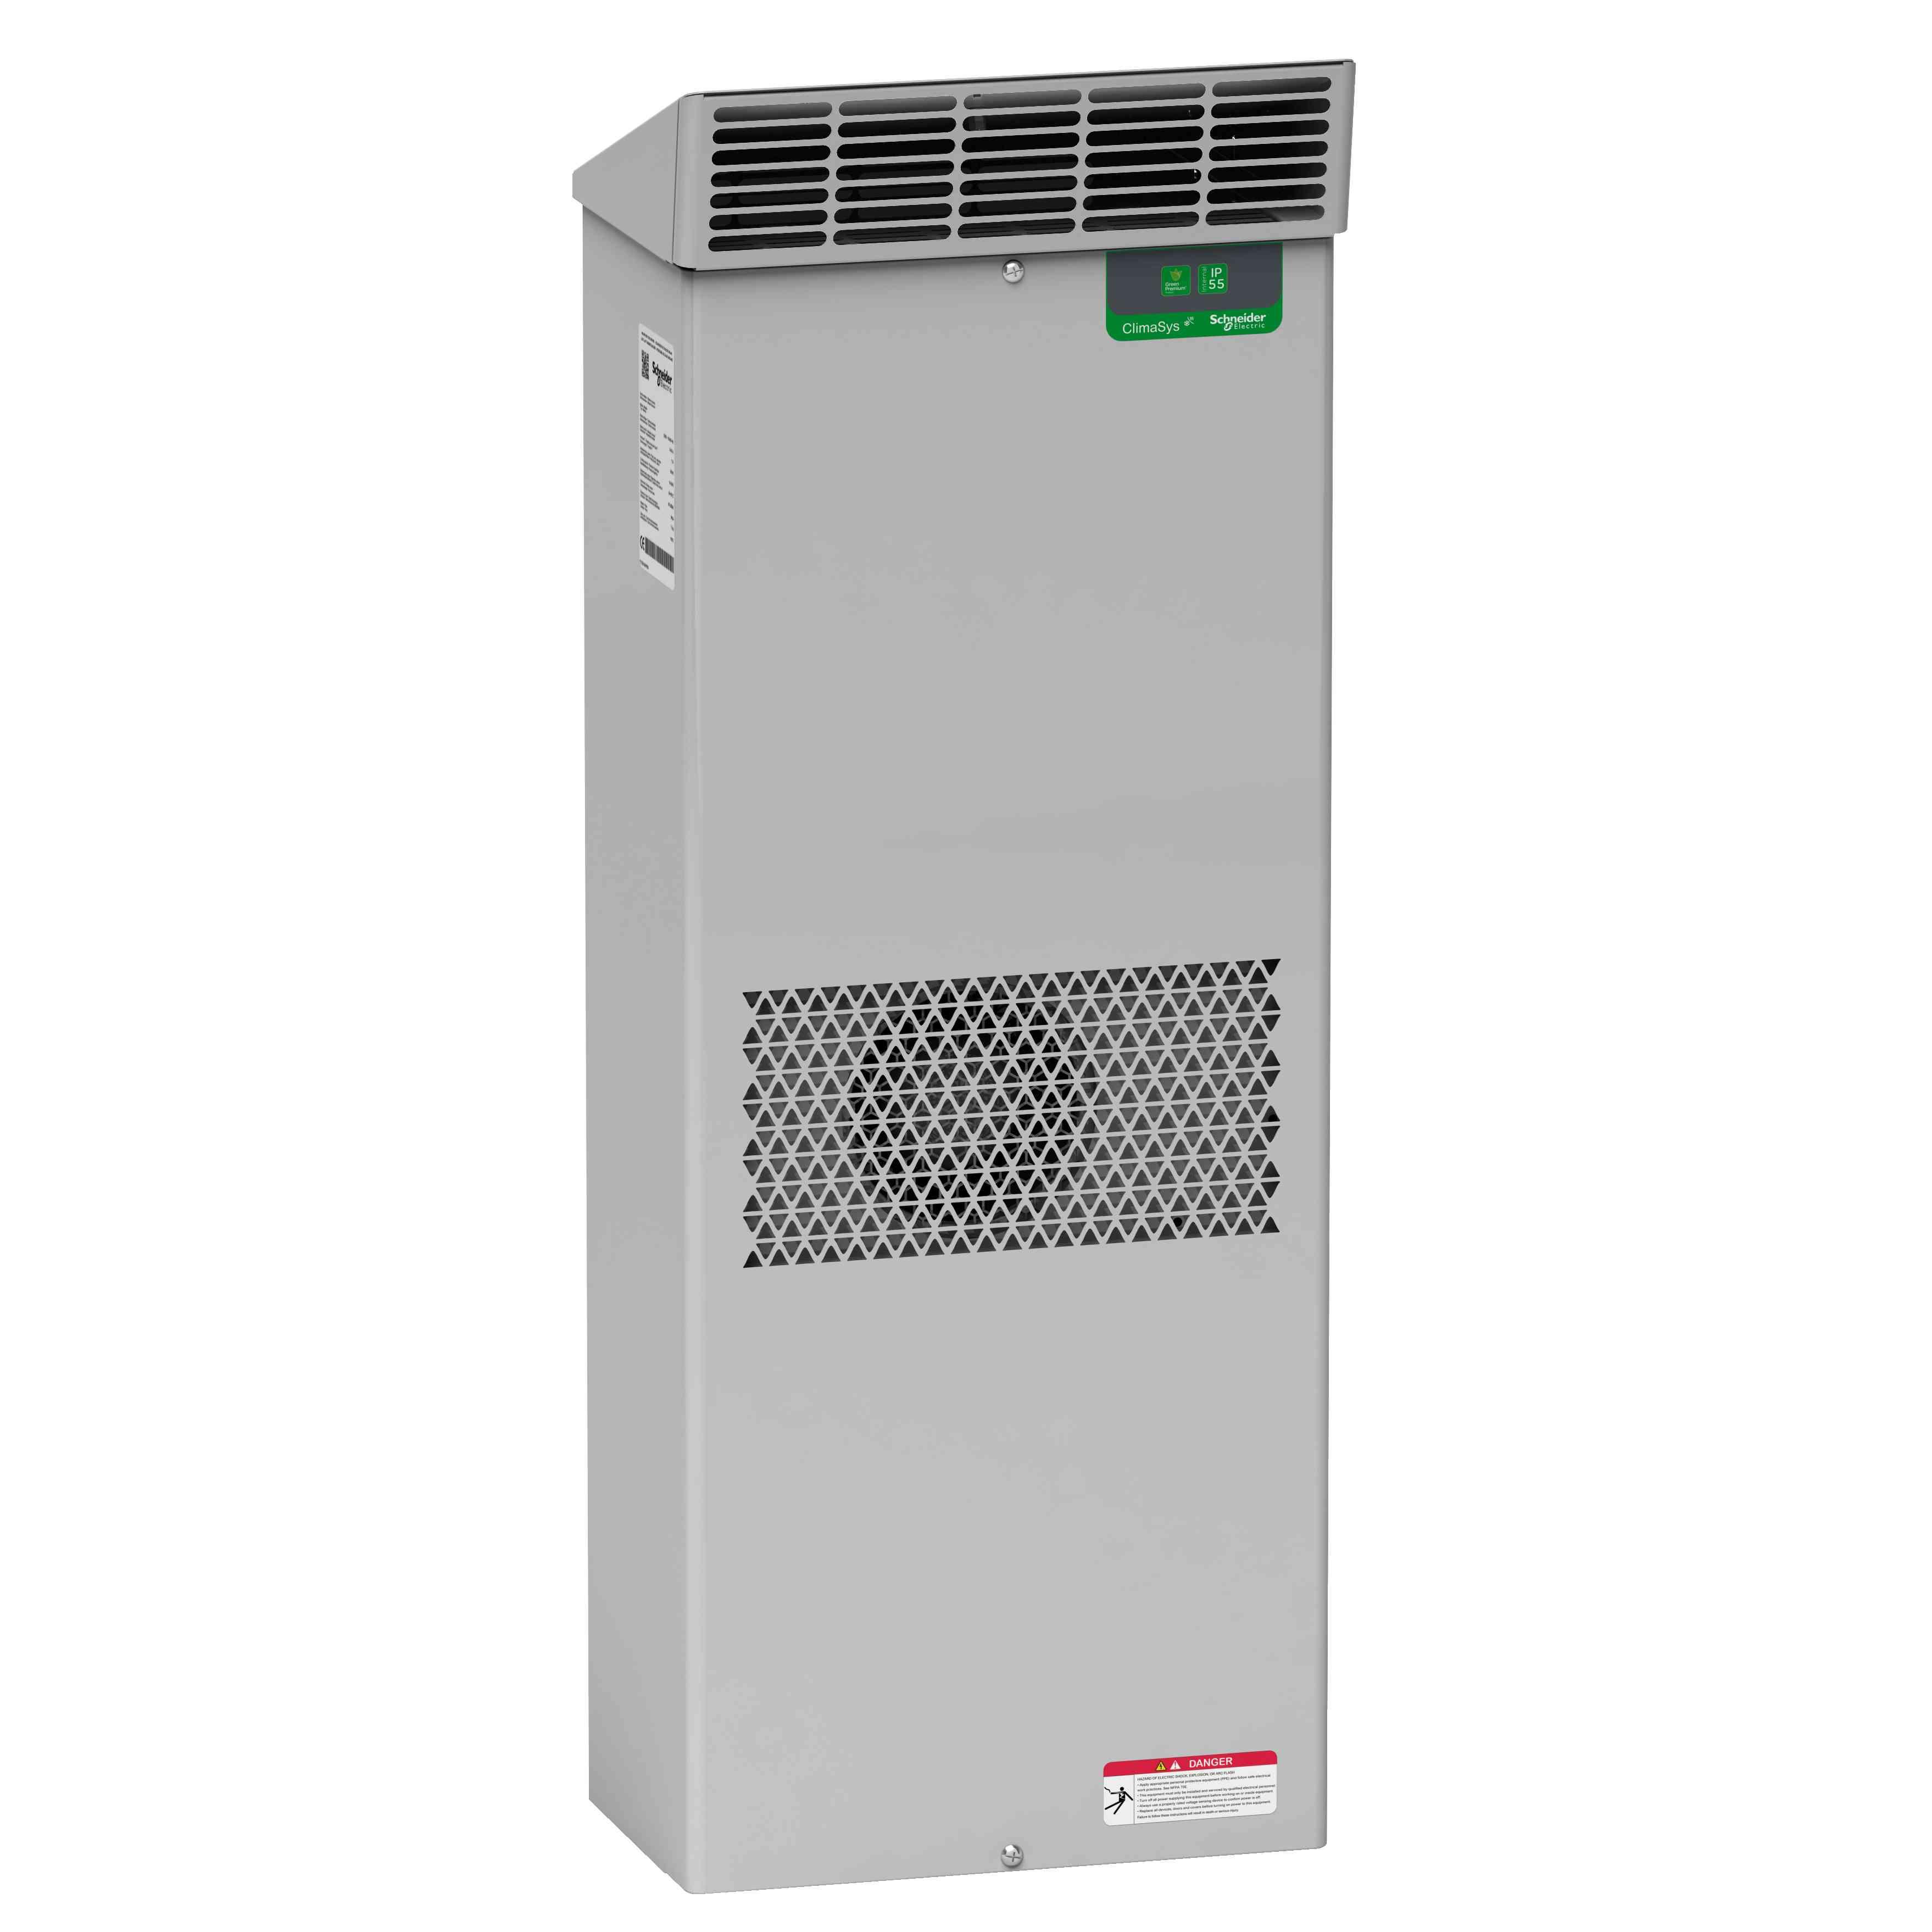 Zunanja hladilna enota ClimaSys ob strani omare - 3850 W pri 400 V